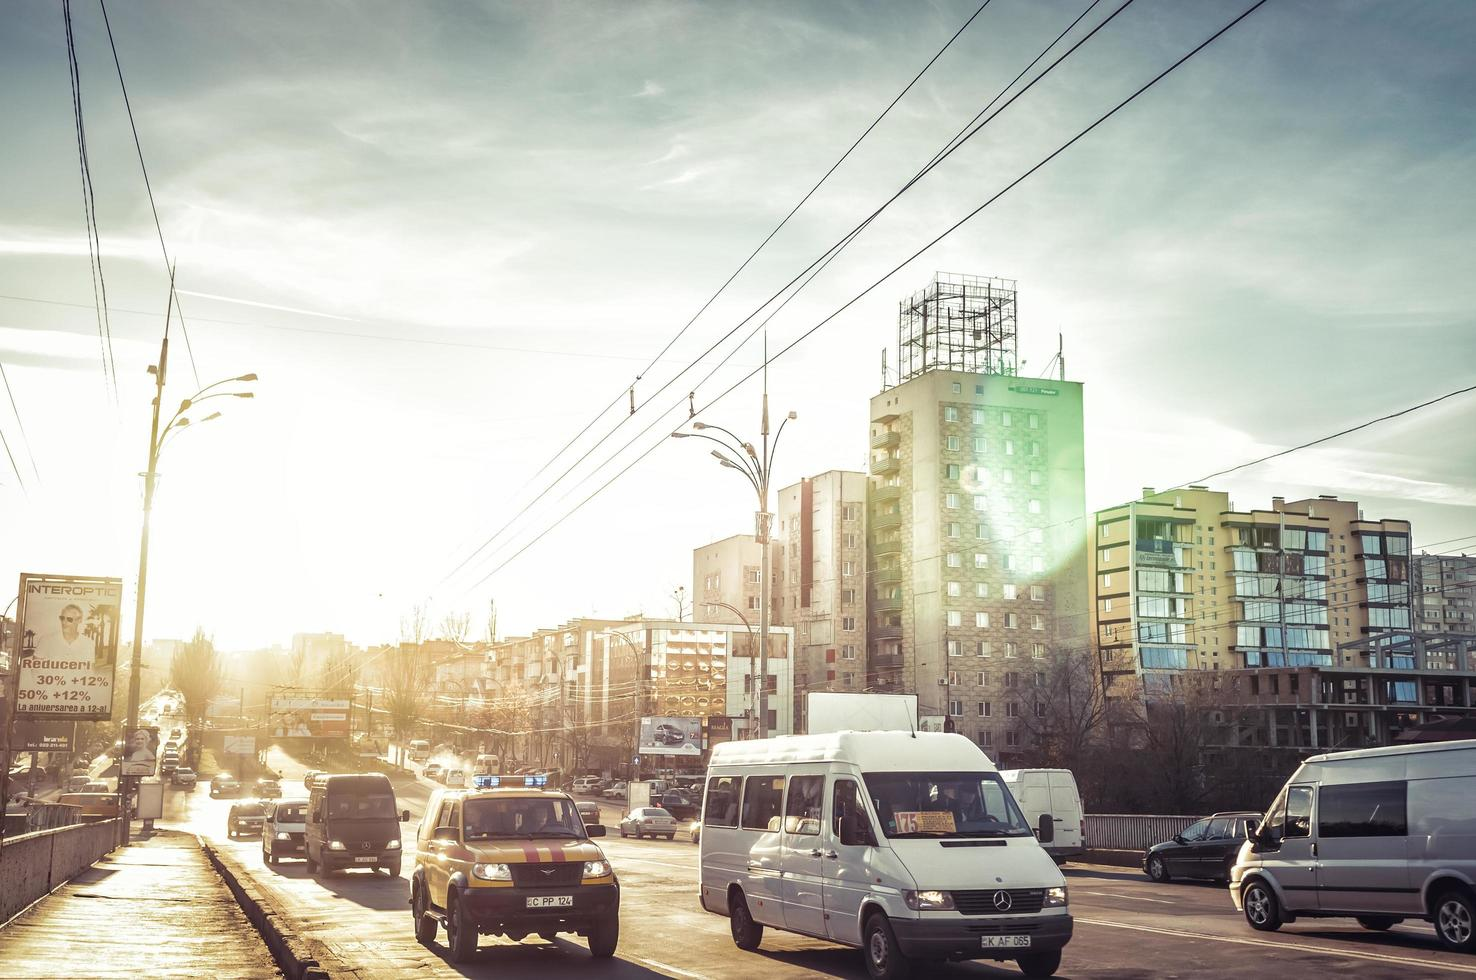 Chisinau, Moldawien 2013 - Verkehr am Abend auf dem Grigore Vieru Boulevard foto